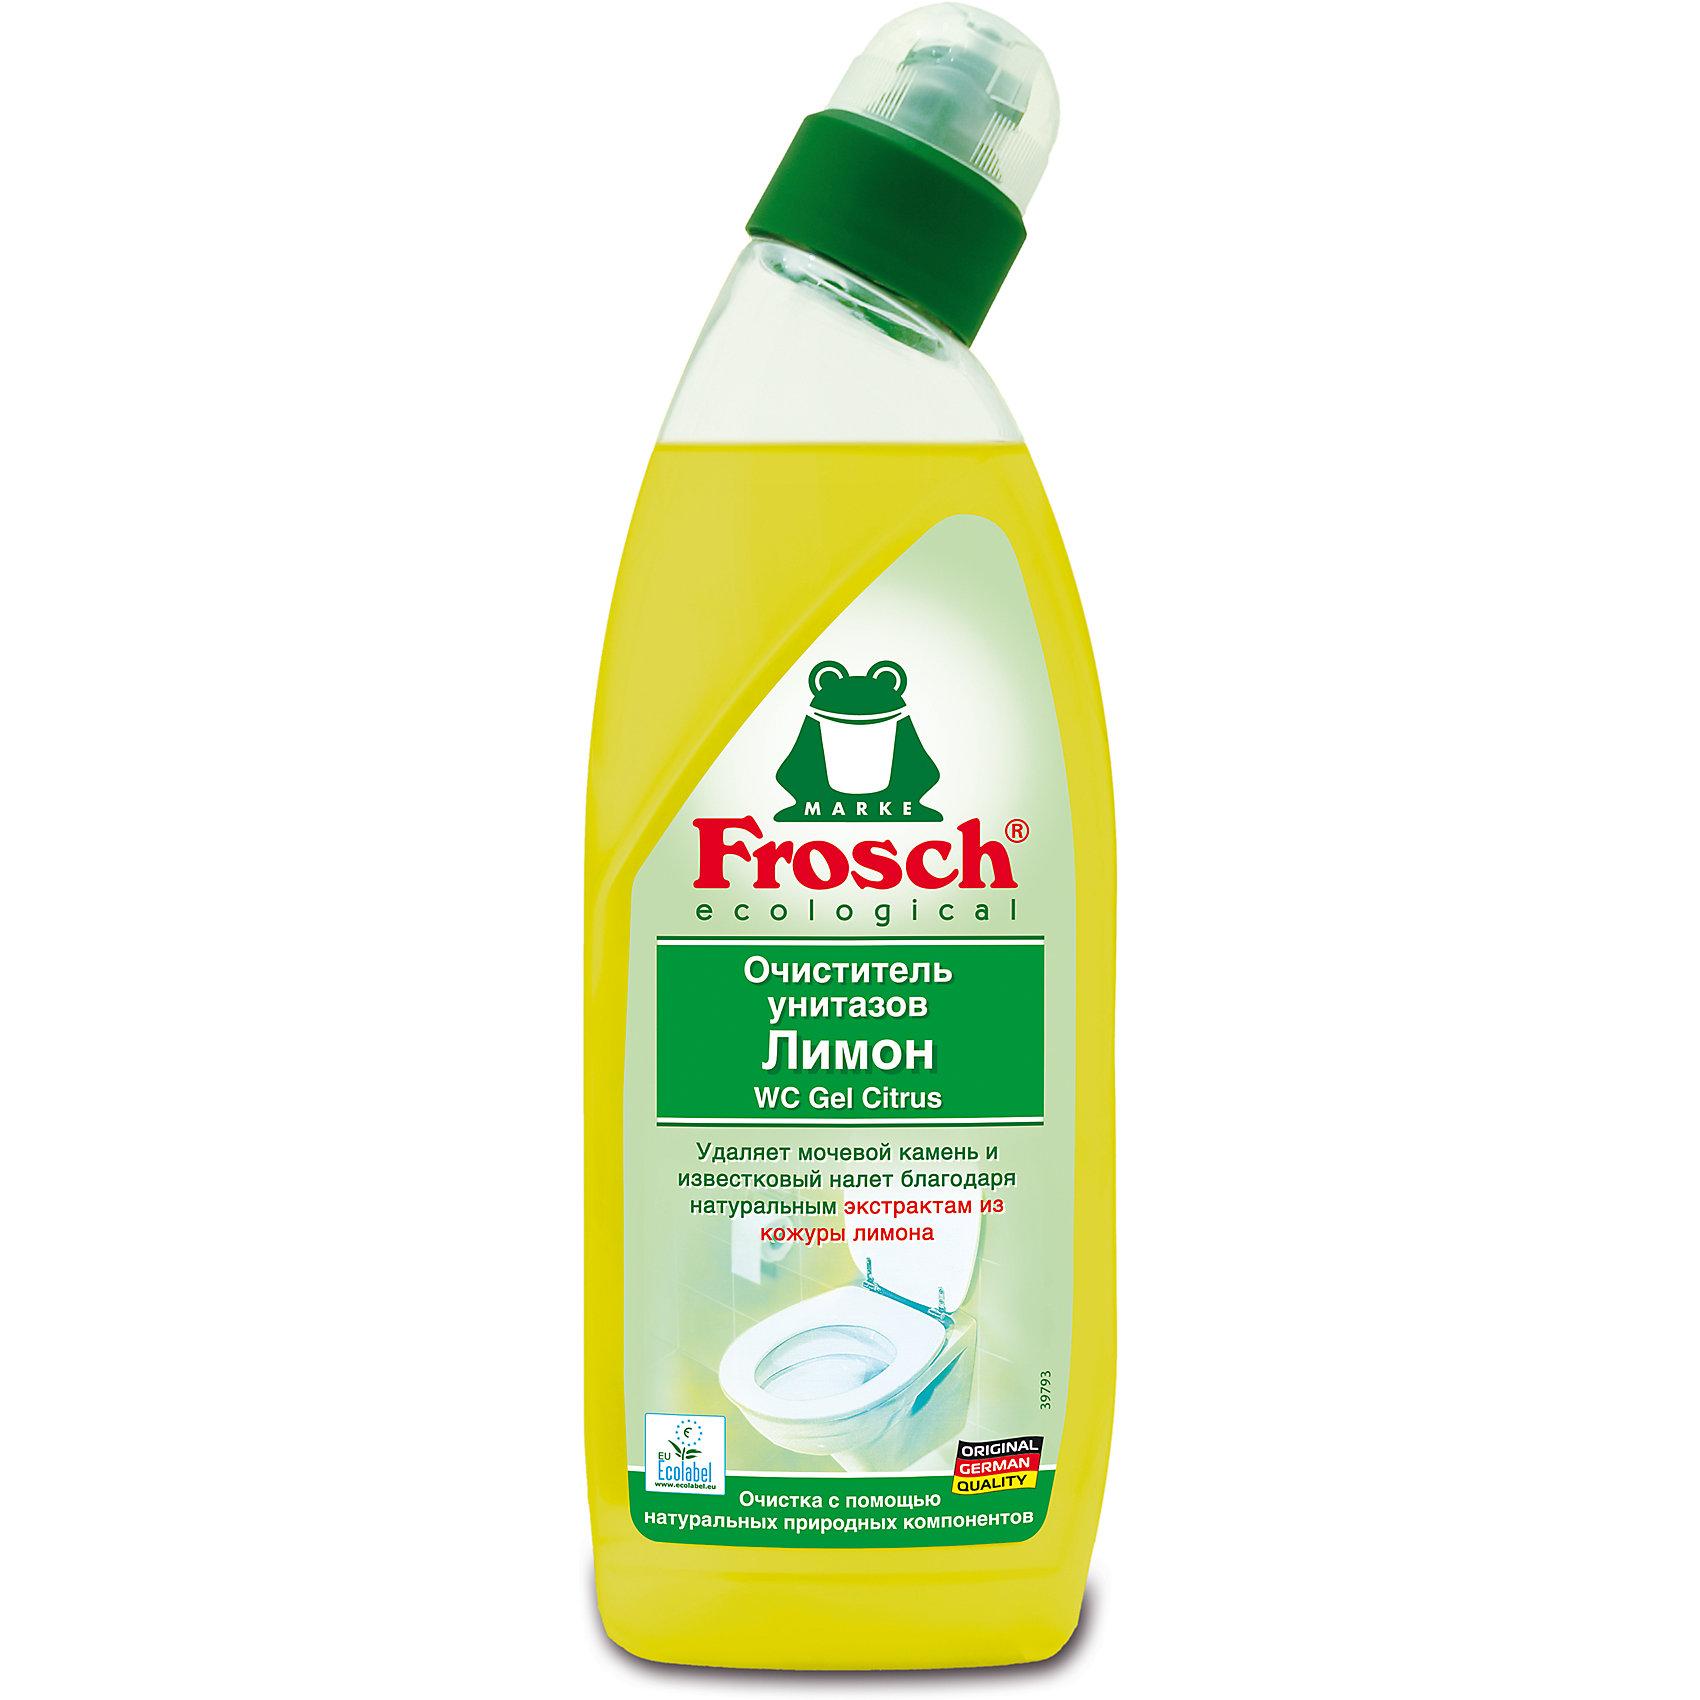 Очиститель унитазов Лимон, 0,75 л., Frosch (-)